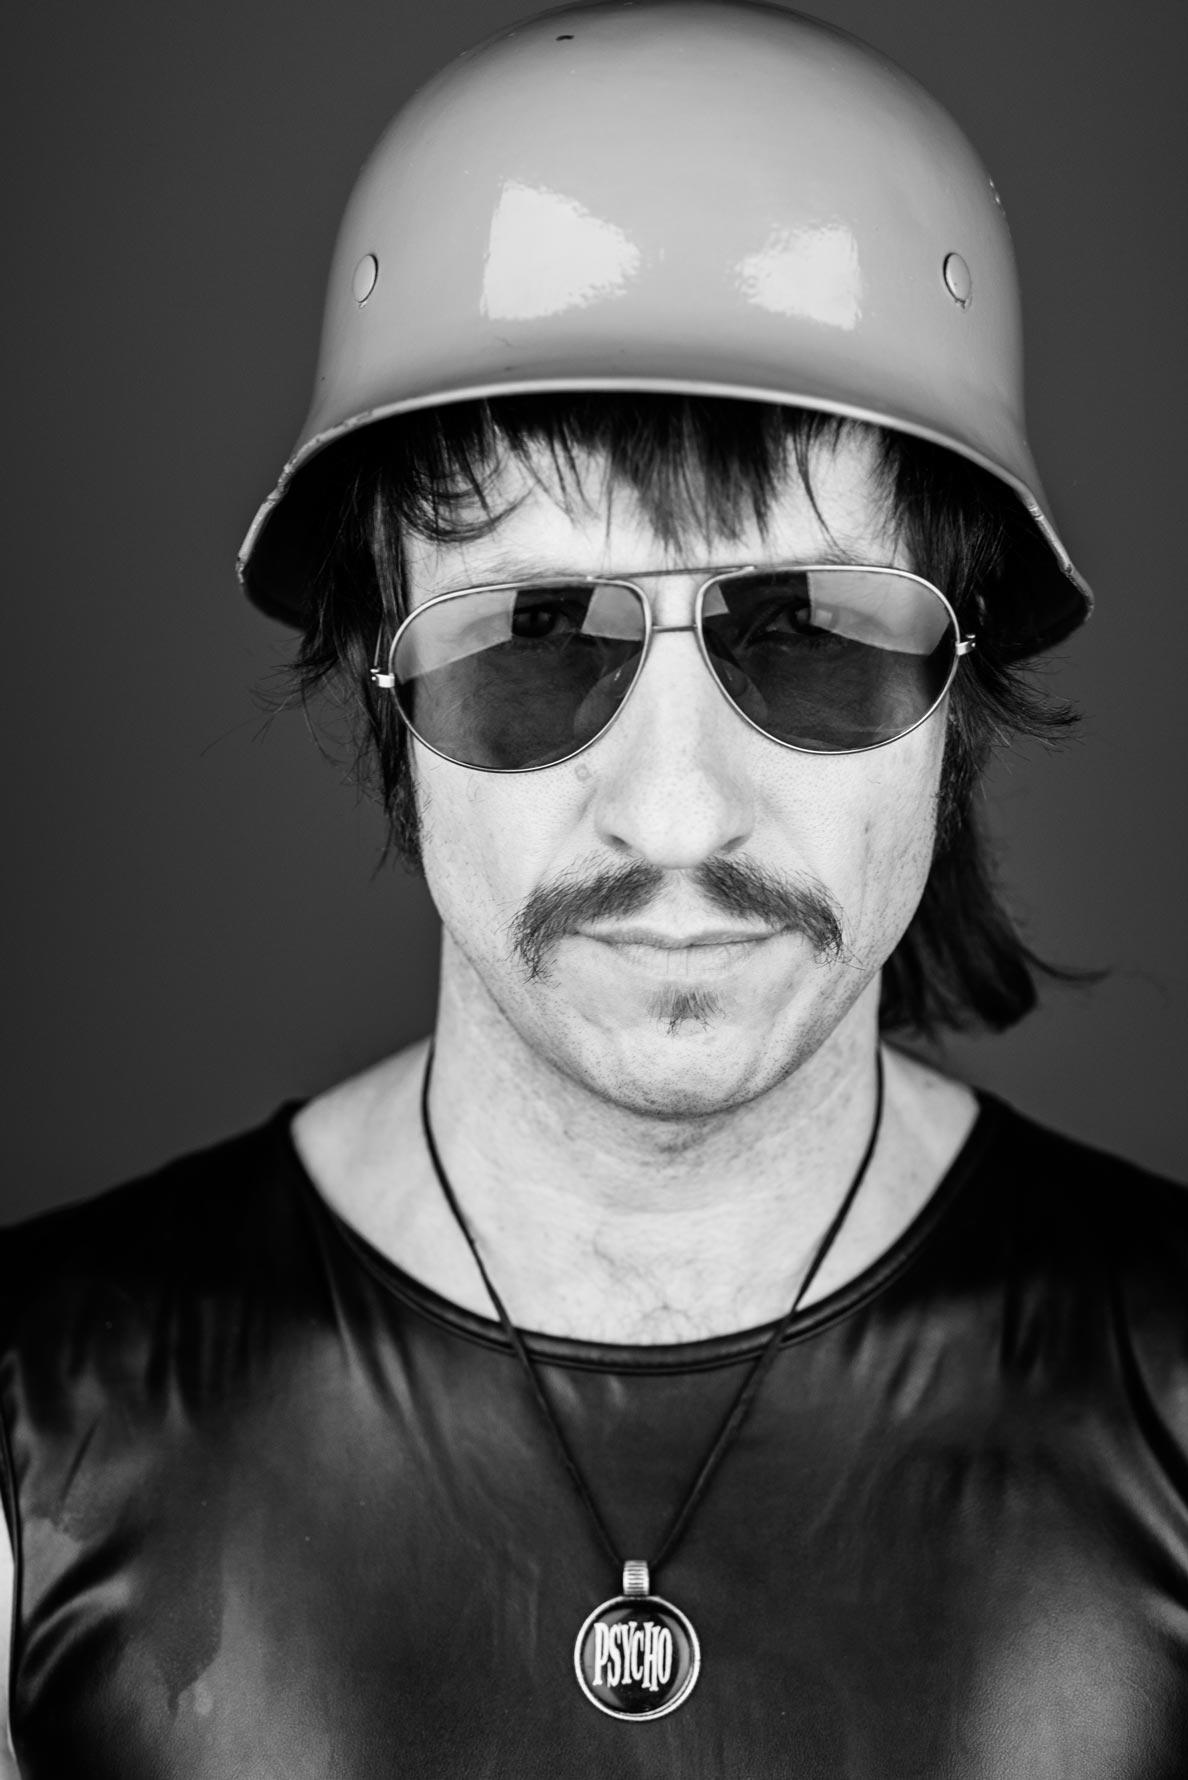 Psycho-Jones-Künstler-bei-Musikmaschine-Galerie-Foto-von-romanknie.de